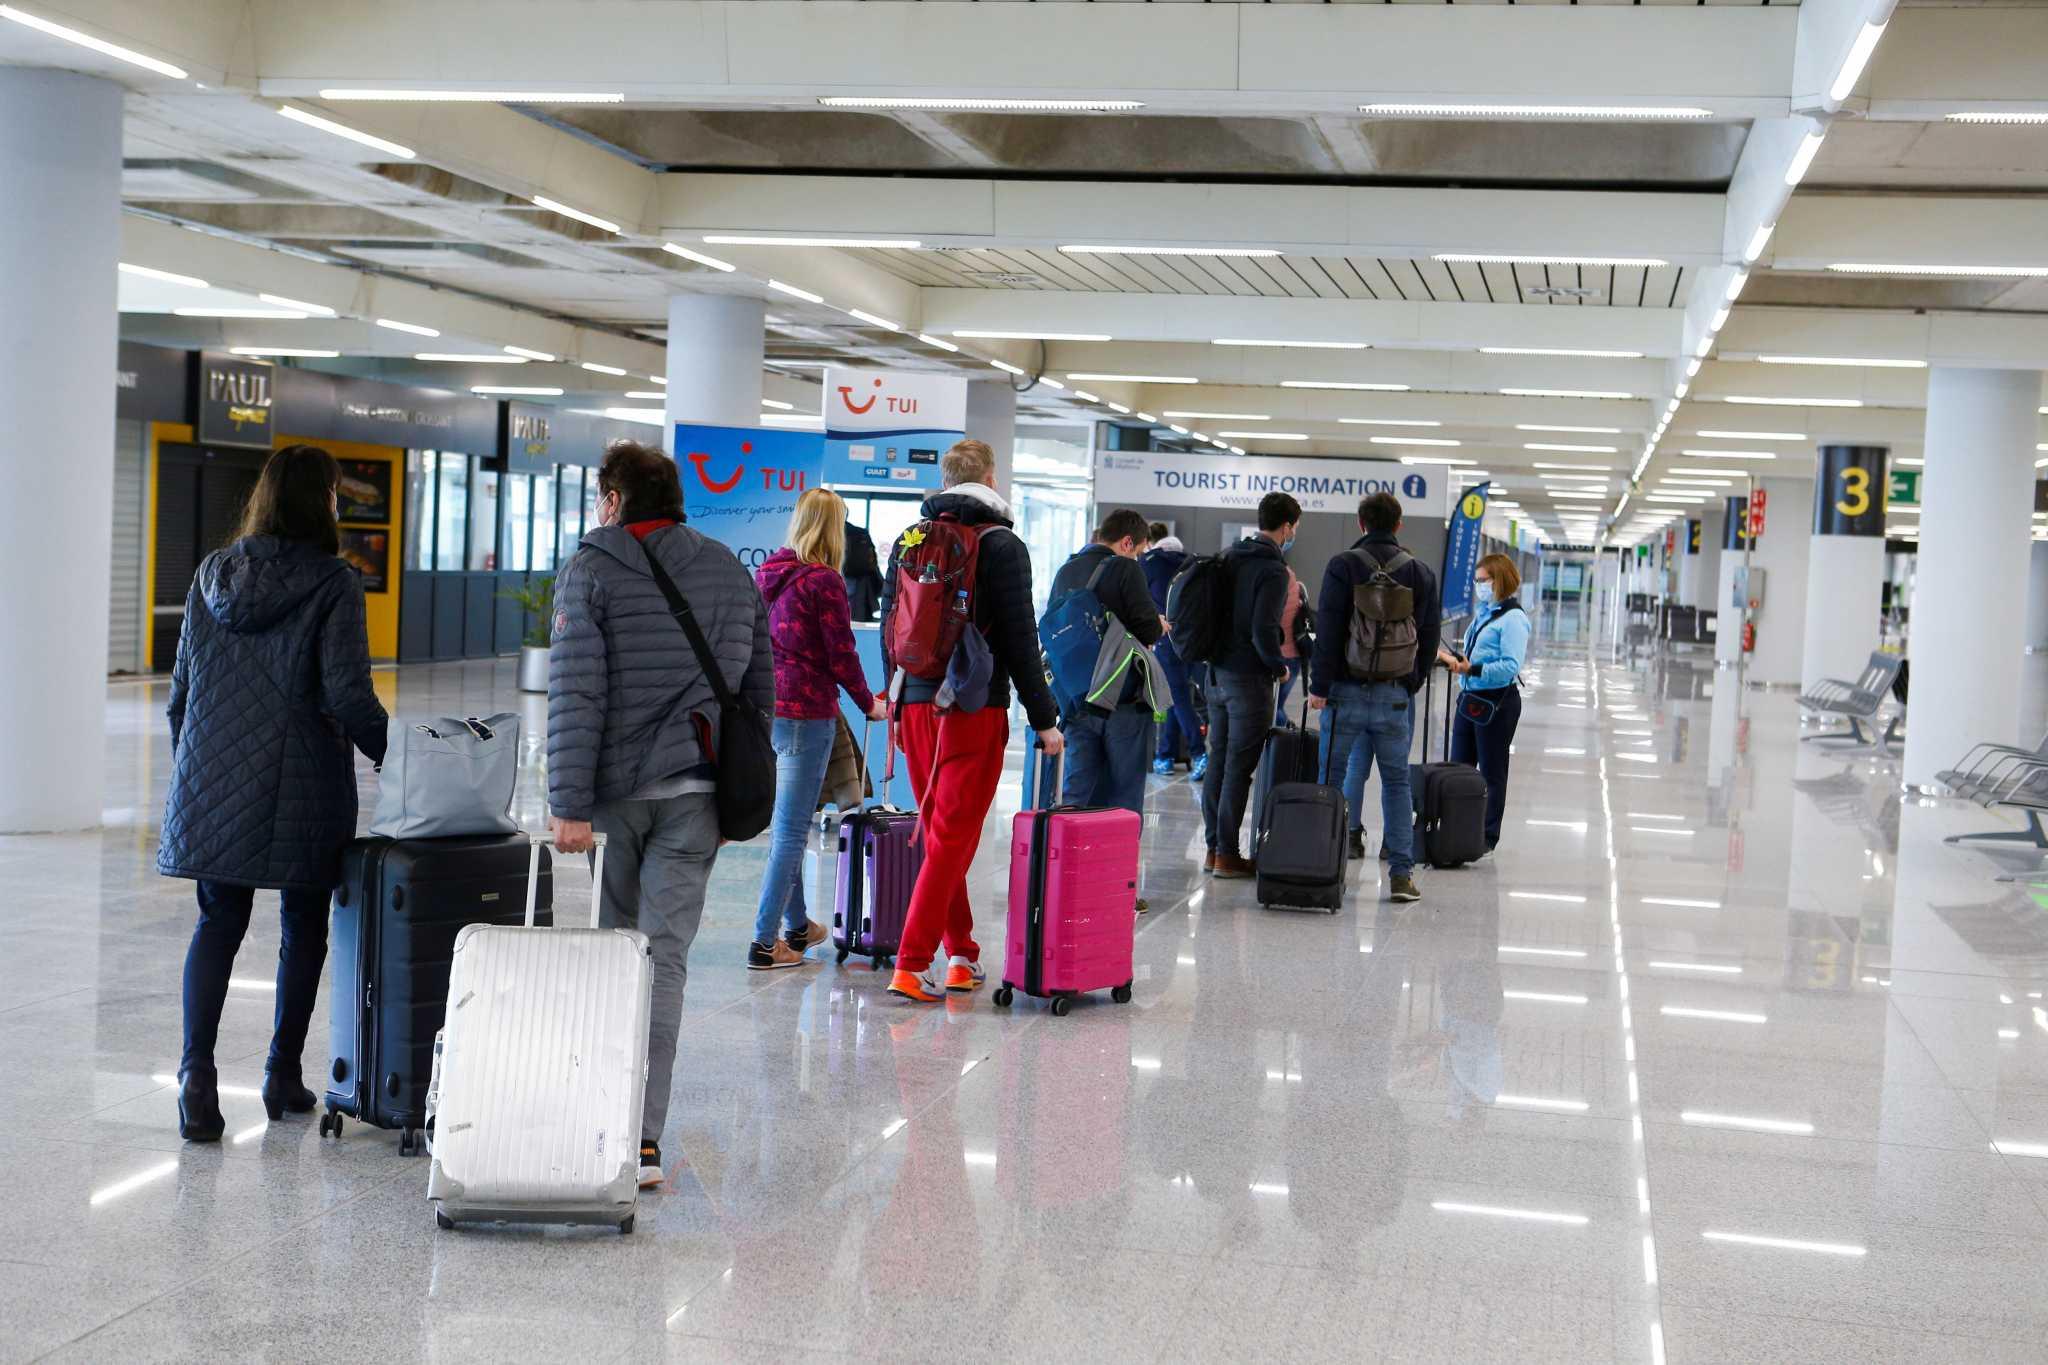 Δανία: Χαλαρώνουν οι περιορισμοί για τα ταξίδια στο εξωτερικό – Στόχος οι μετακινήσεις χωρίς καραντίνα